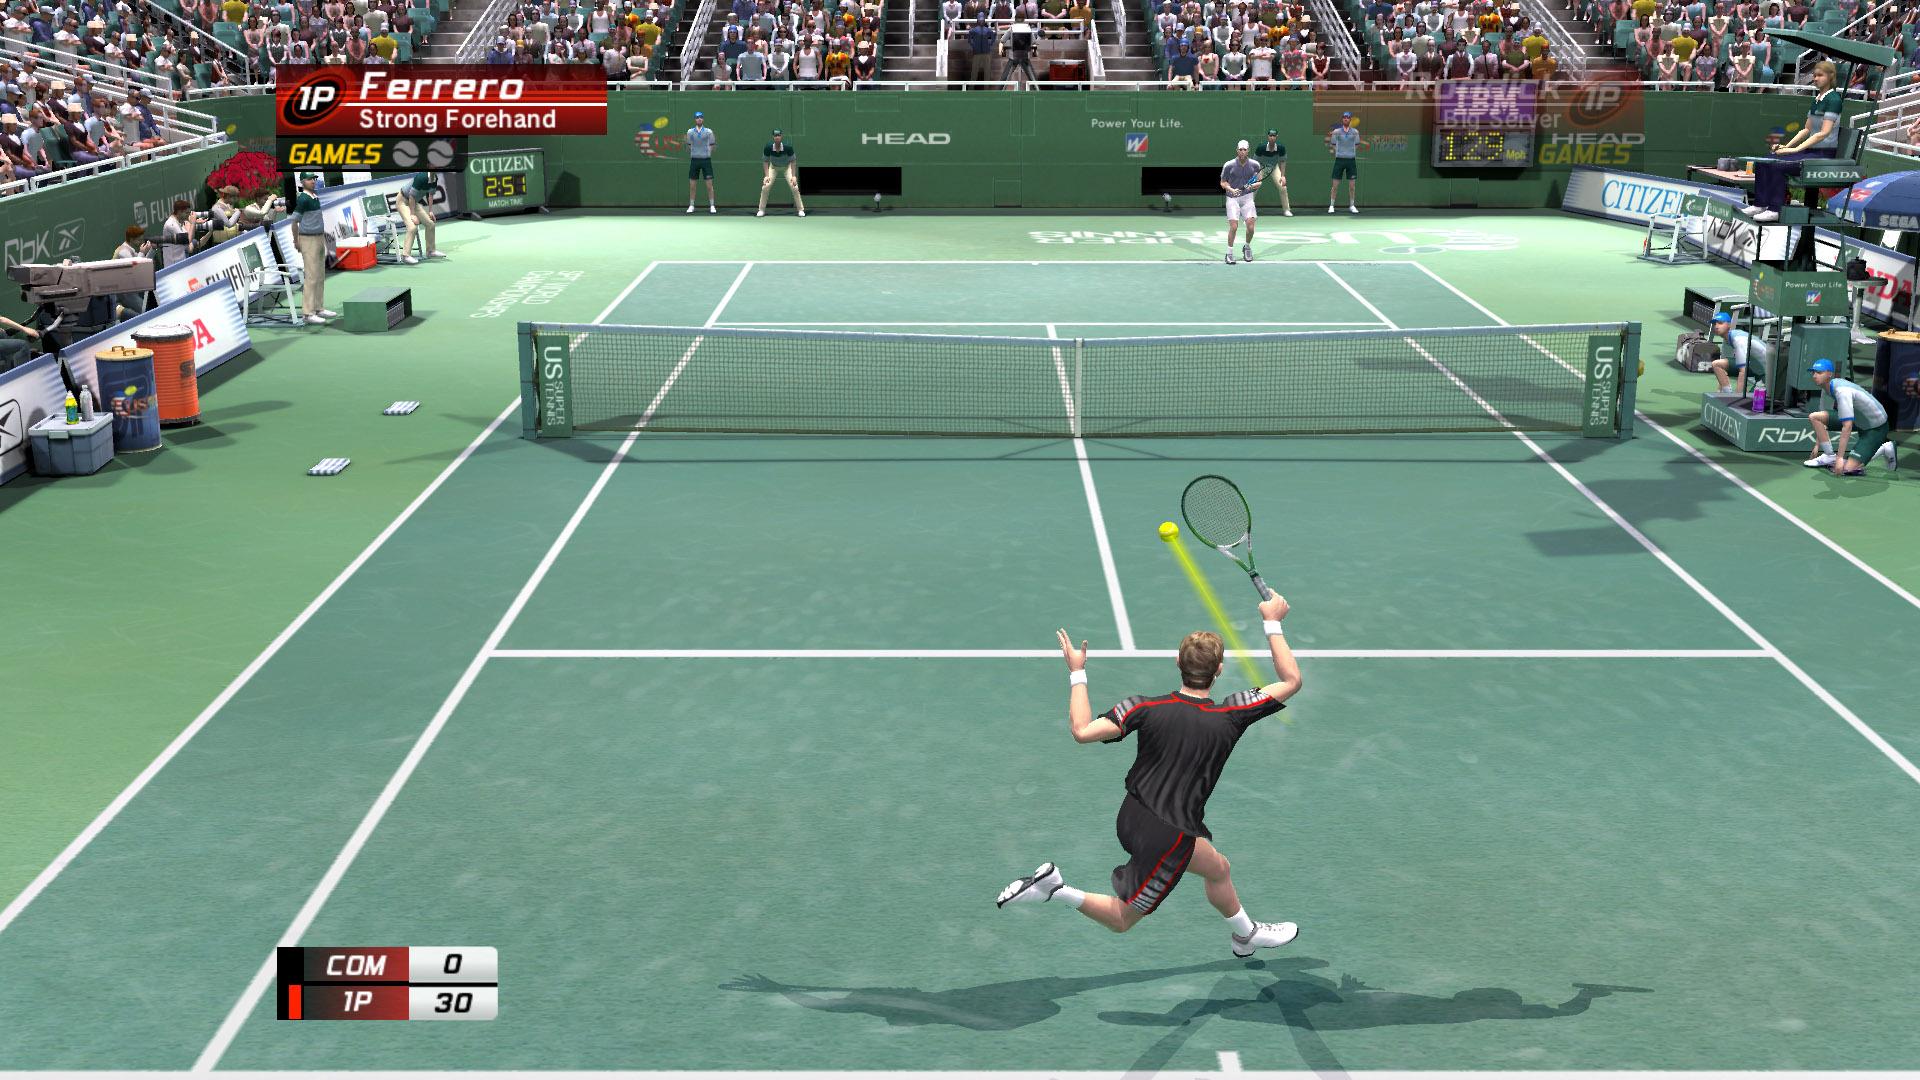 تحميل لعبة virtua tennis 3